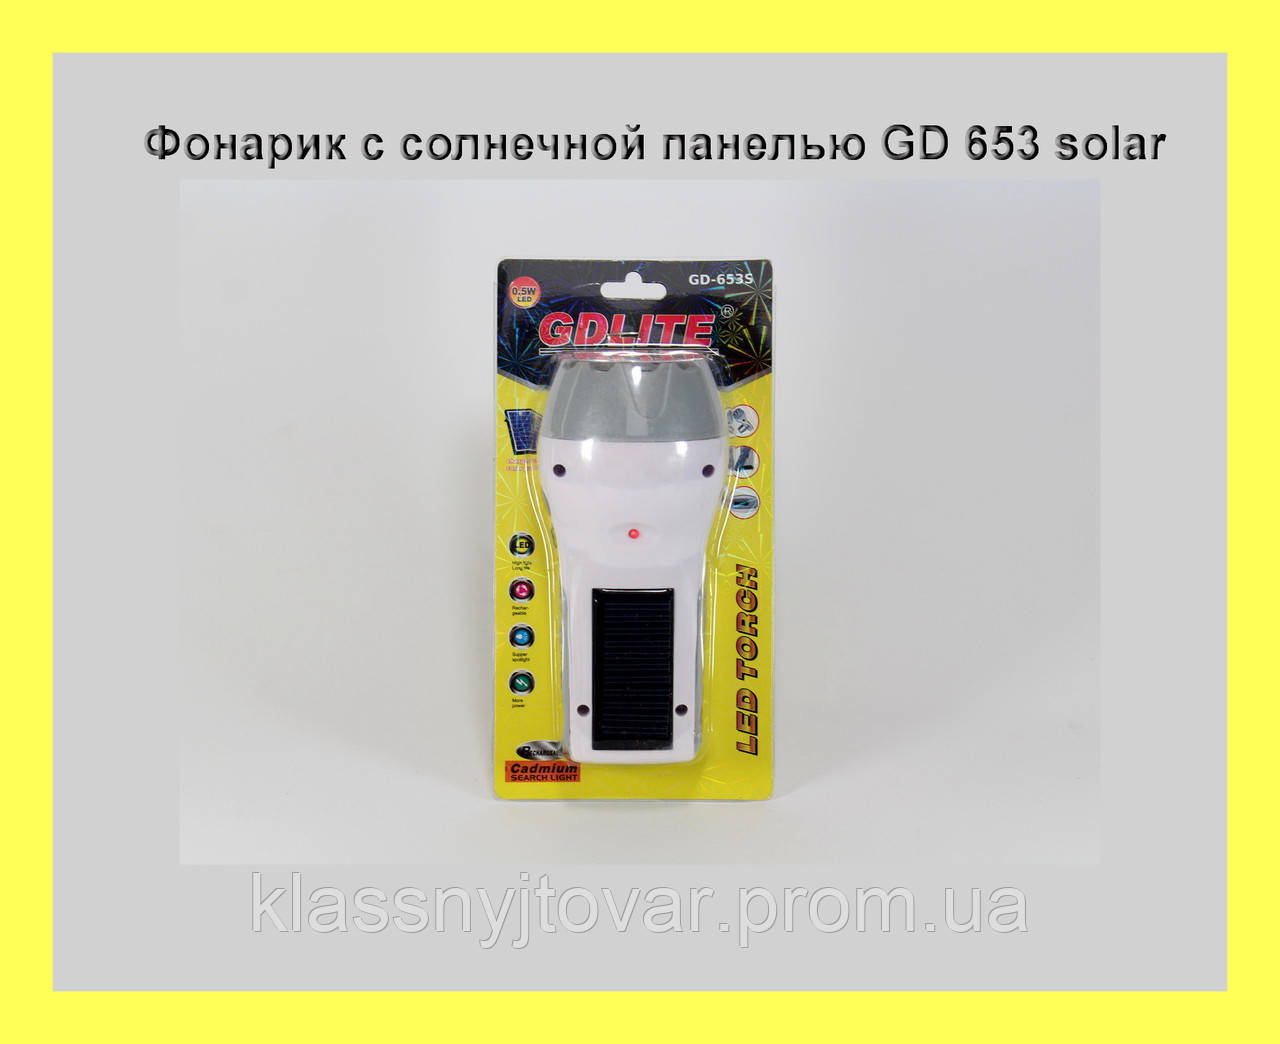 Компактный Фонарик с солнечной панелью GD 653 solar!Акция